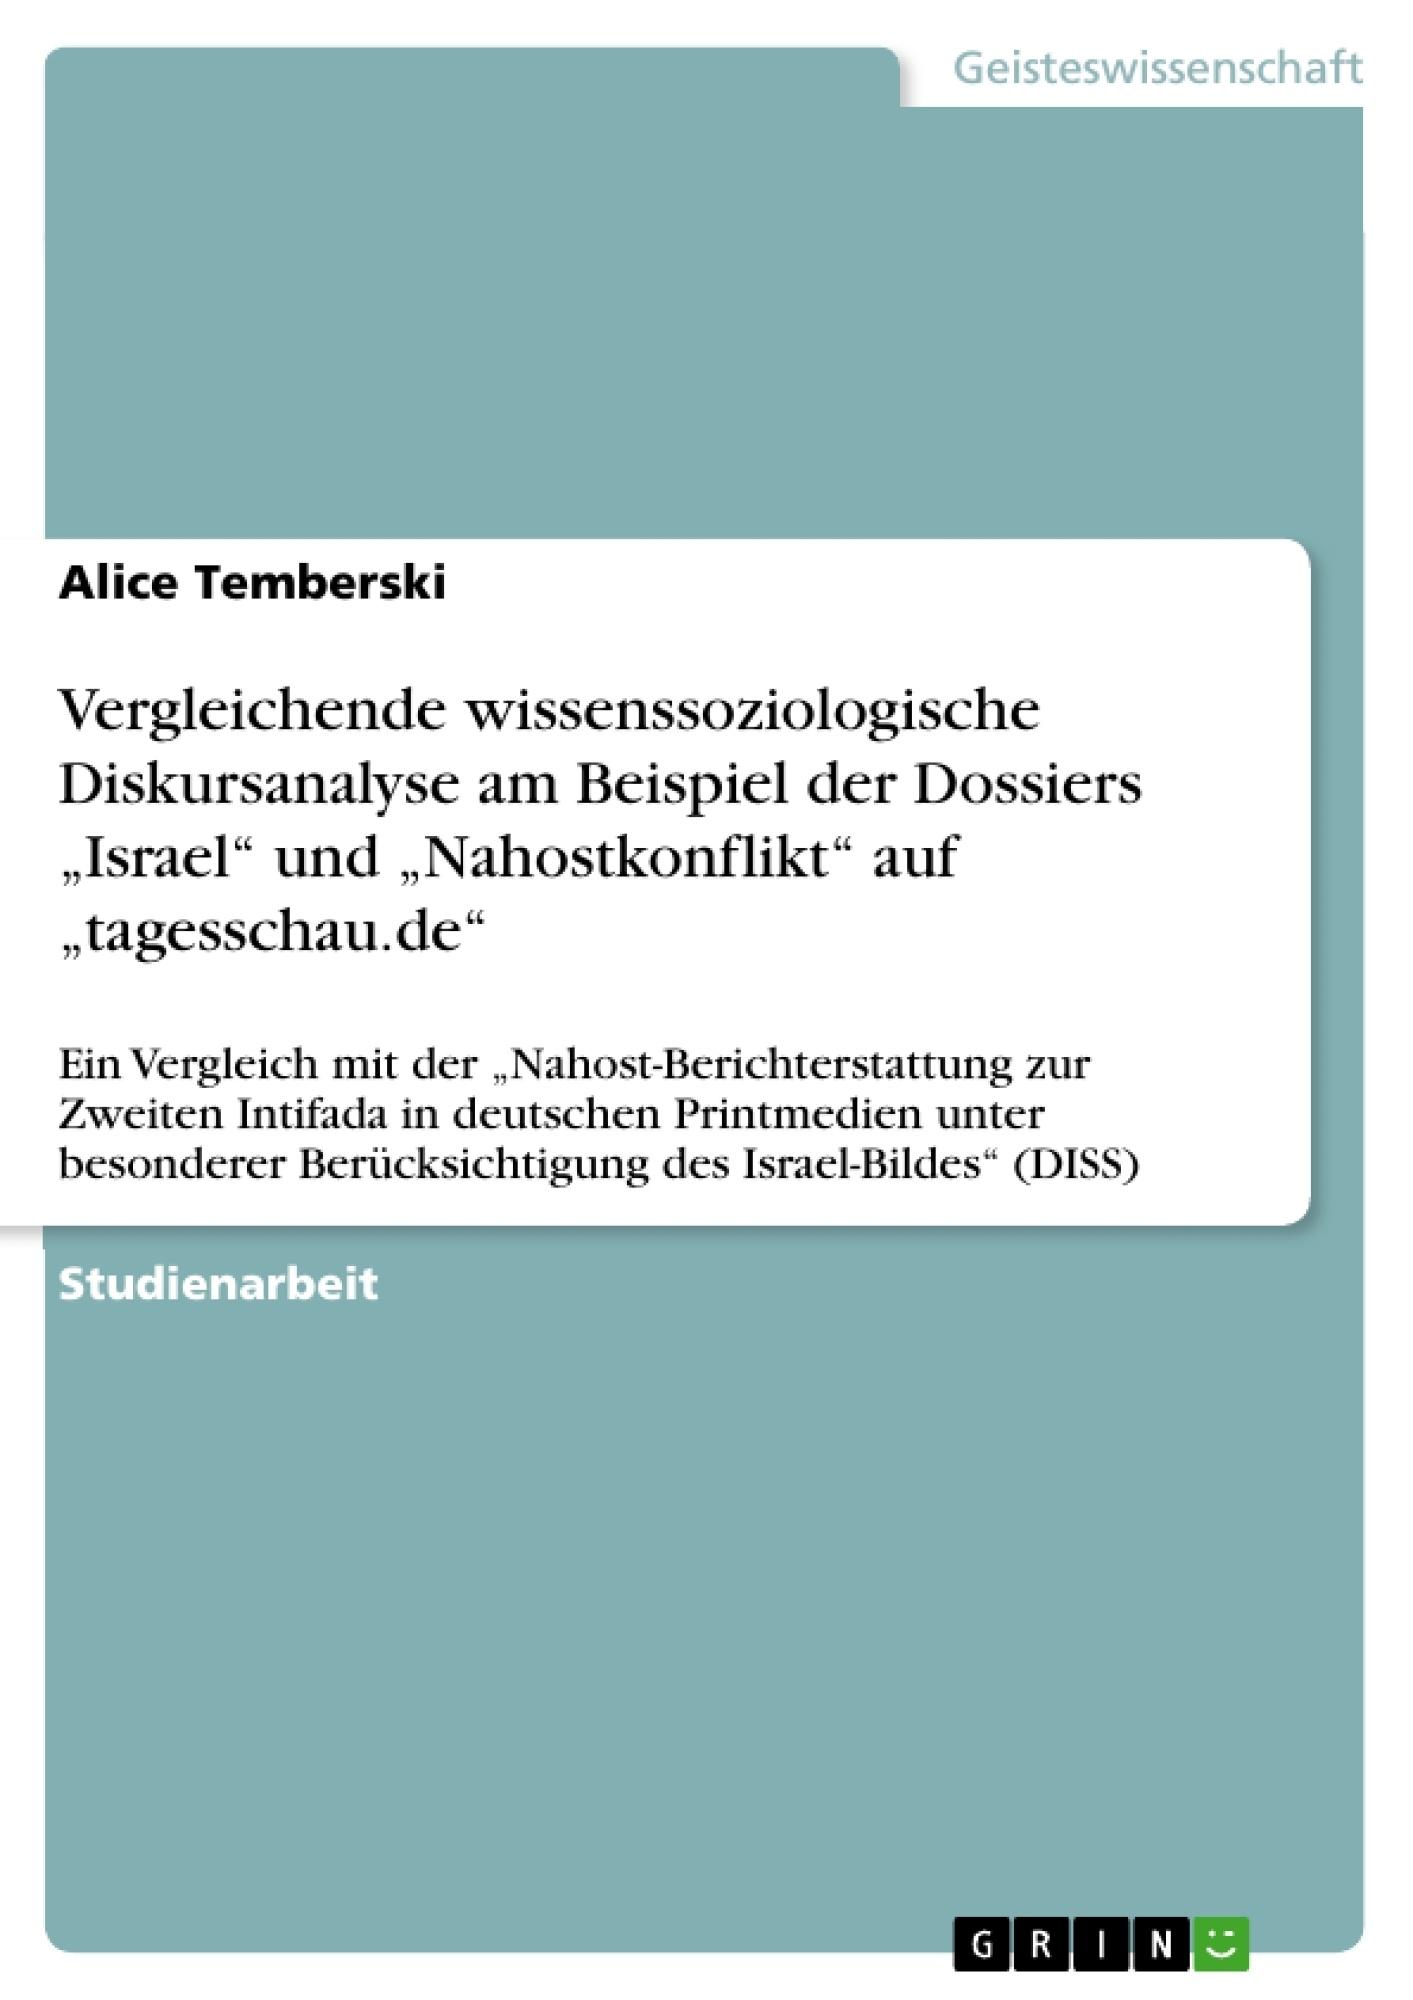 """Titel: Vergleichende wissenssoziologische Diskursanalyse am Beispiel der Dossiers """"Israel"""" und """"Nahostkonflikt"""" auf """"tagesschau.de"""""""